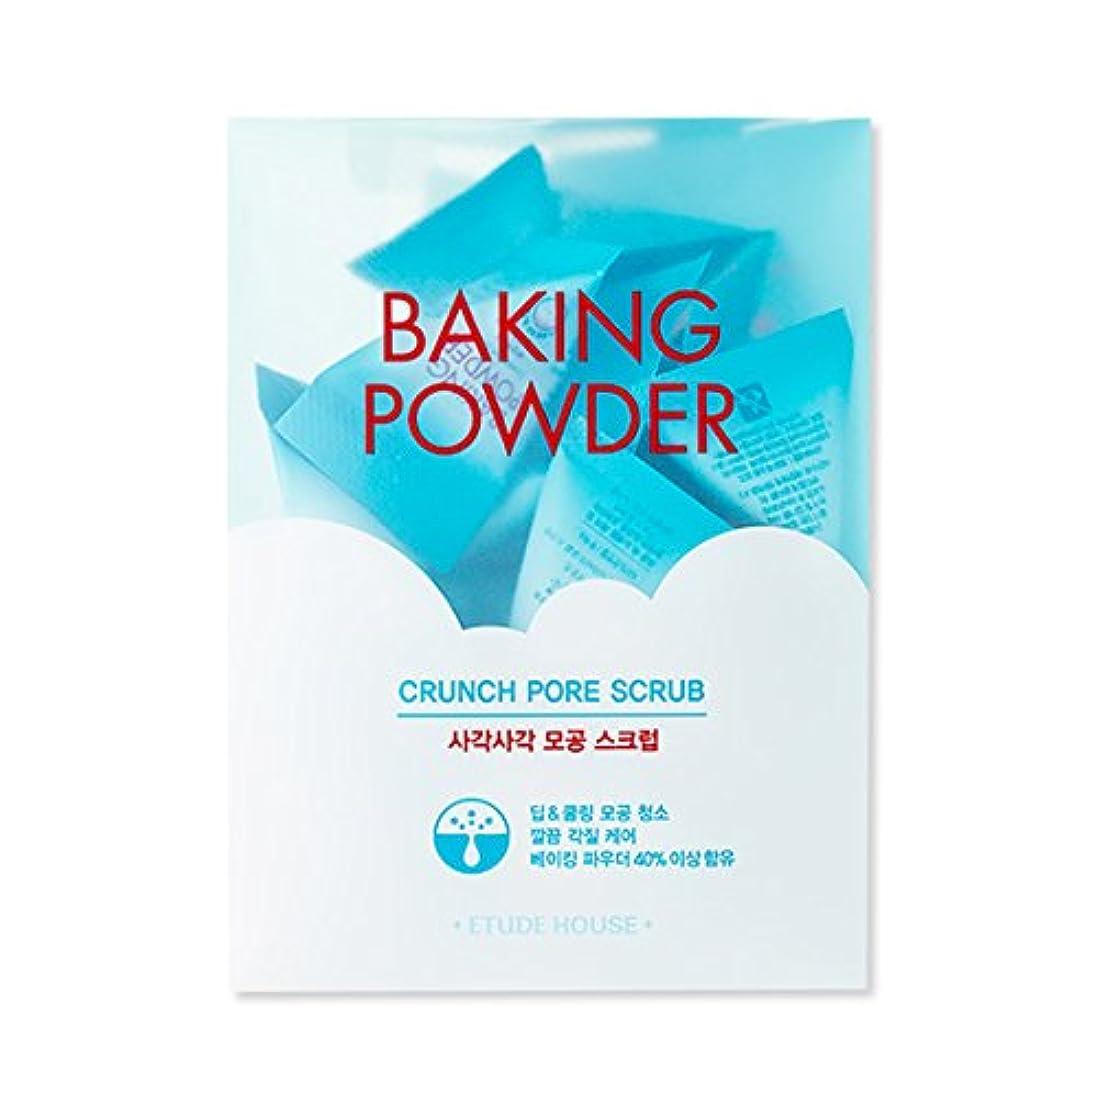 結婚式慈善舗装する[2016 Upgrade!] ETUDE HOUSE Baking Powder Crunch Pore Scrub 7g×24ea/エチュードハウス ベーキング パウダー クランチ ポア スクラブ 7g×24ea [...